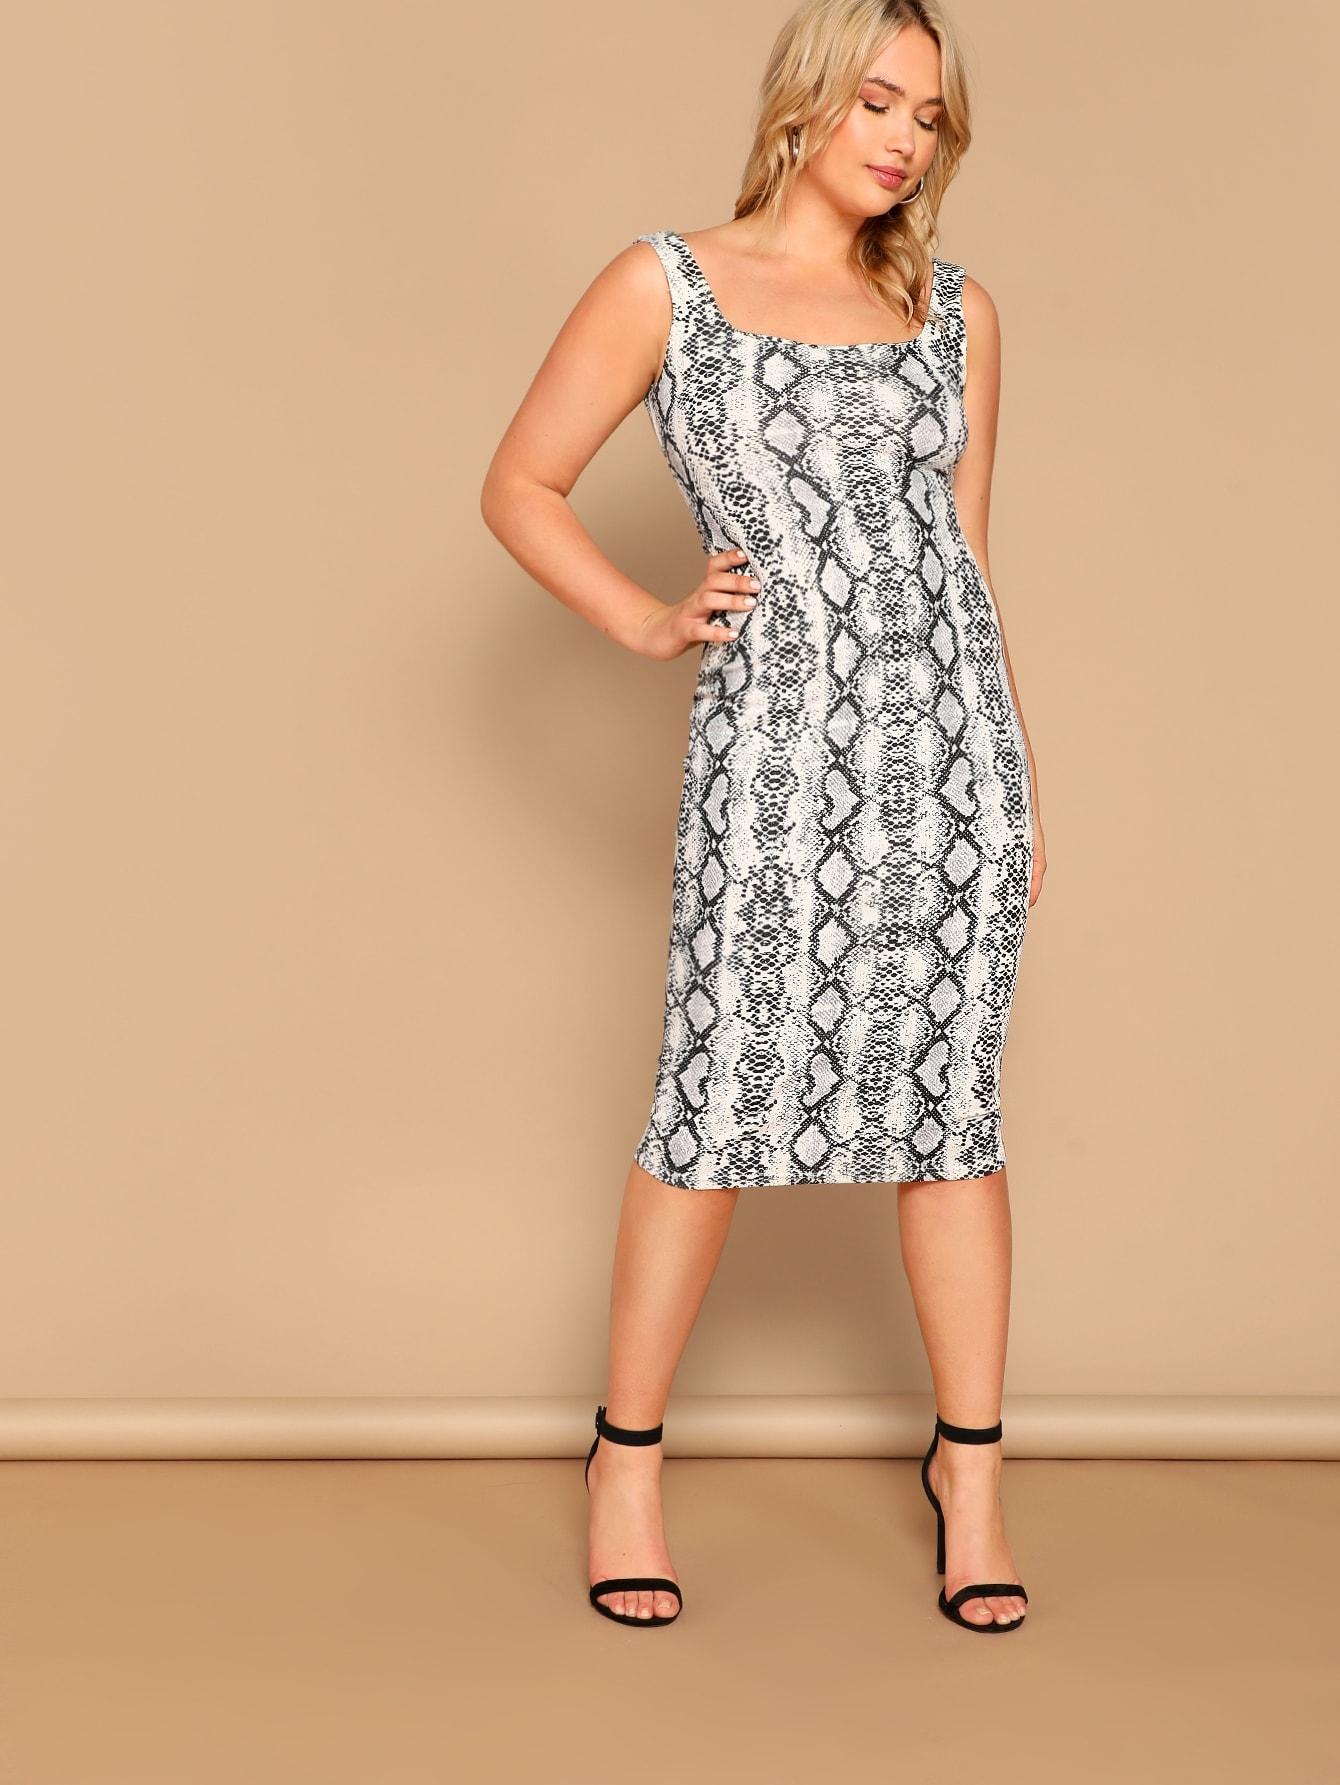 Размер плюс облегающее платье со змеиным принтом и вырезом на спине